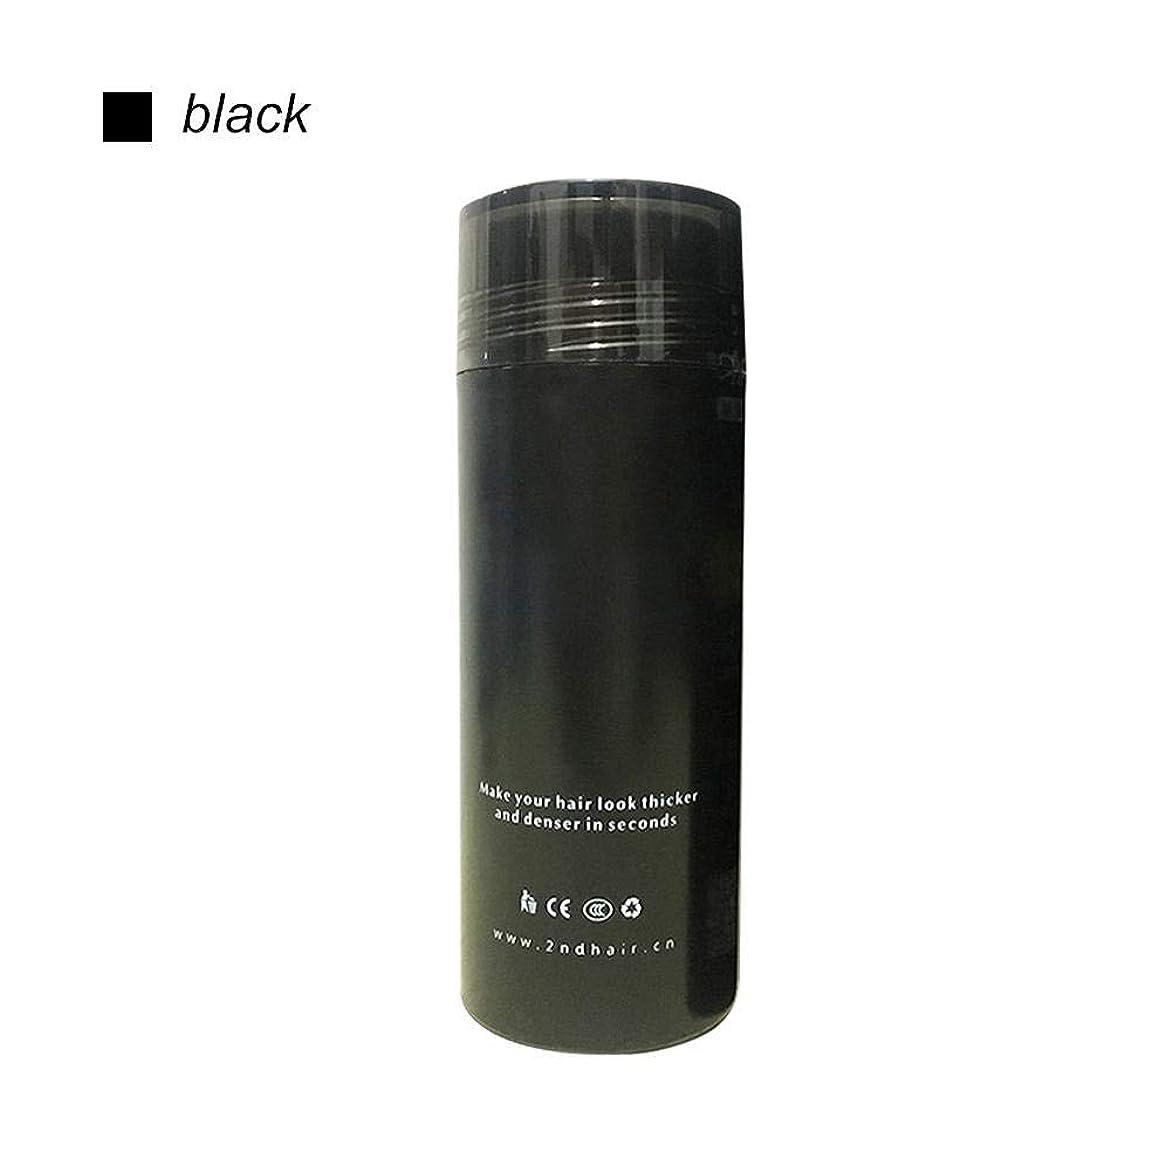 側溝銛リダクターSILUN パウダーレーベル 育毛液 高密度繊維成長ソリューション 天然ハーブ 化学成分なし ナノ切削技術 使いやすい